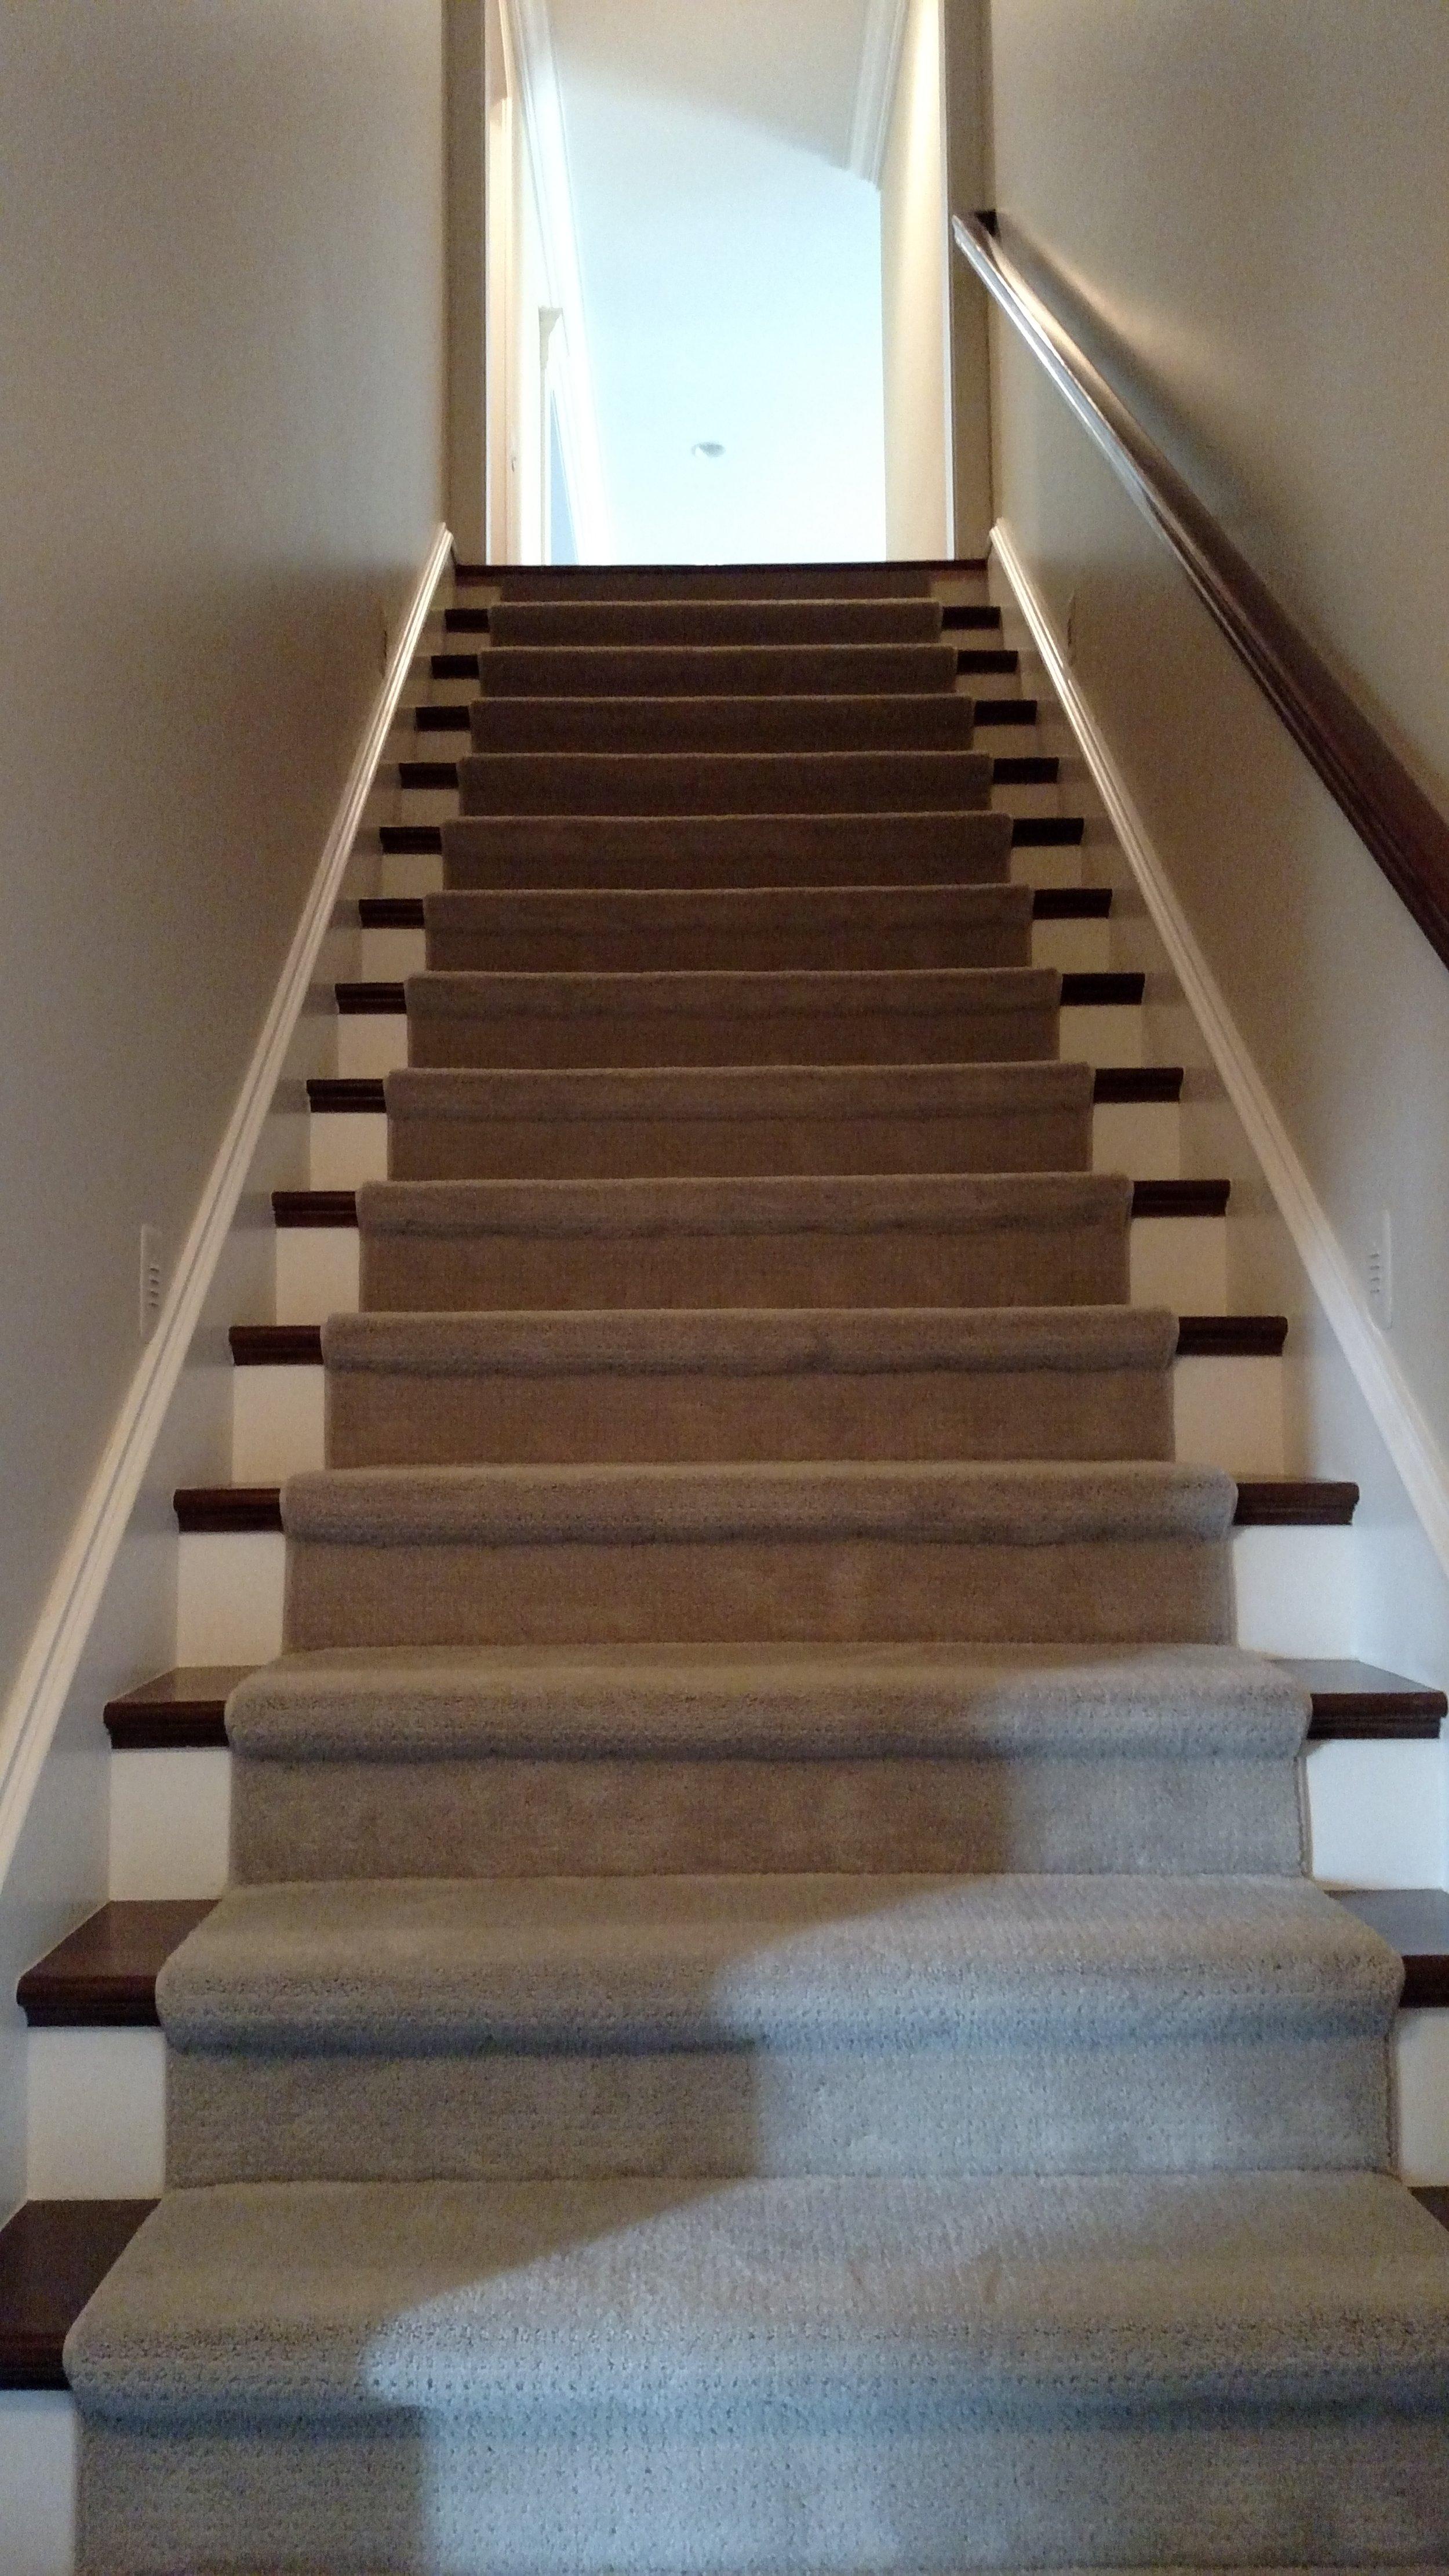 FurnitureStore Back Stairway1.jpg